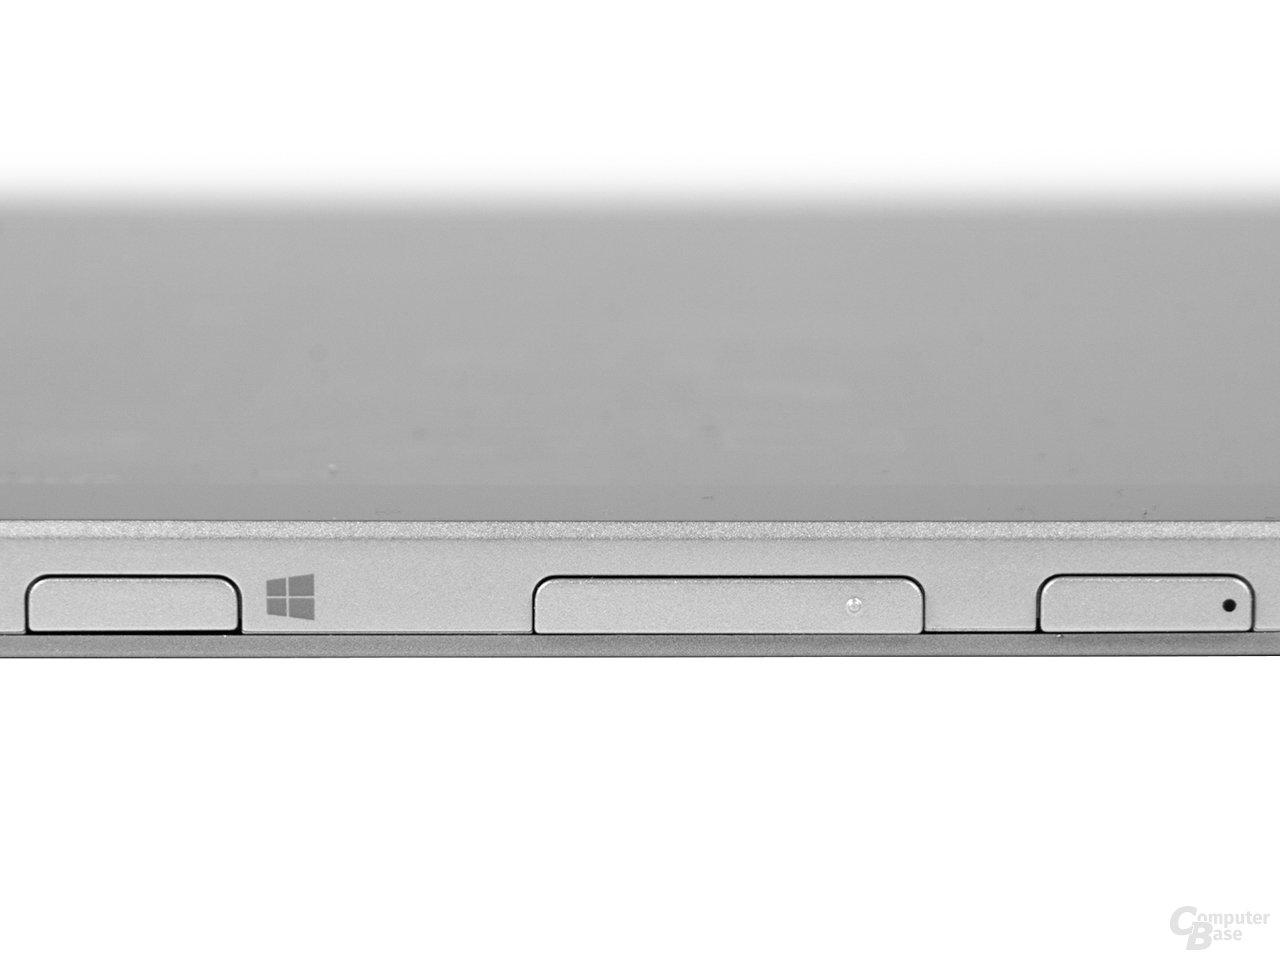 Stabile Bedienelemente beim Acer Aspire Switch 10 FHD